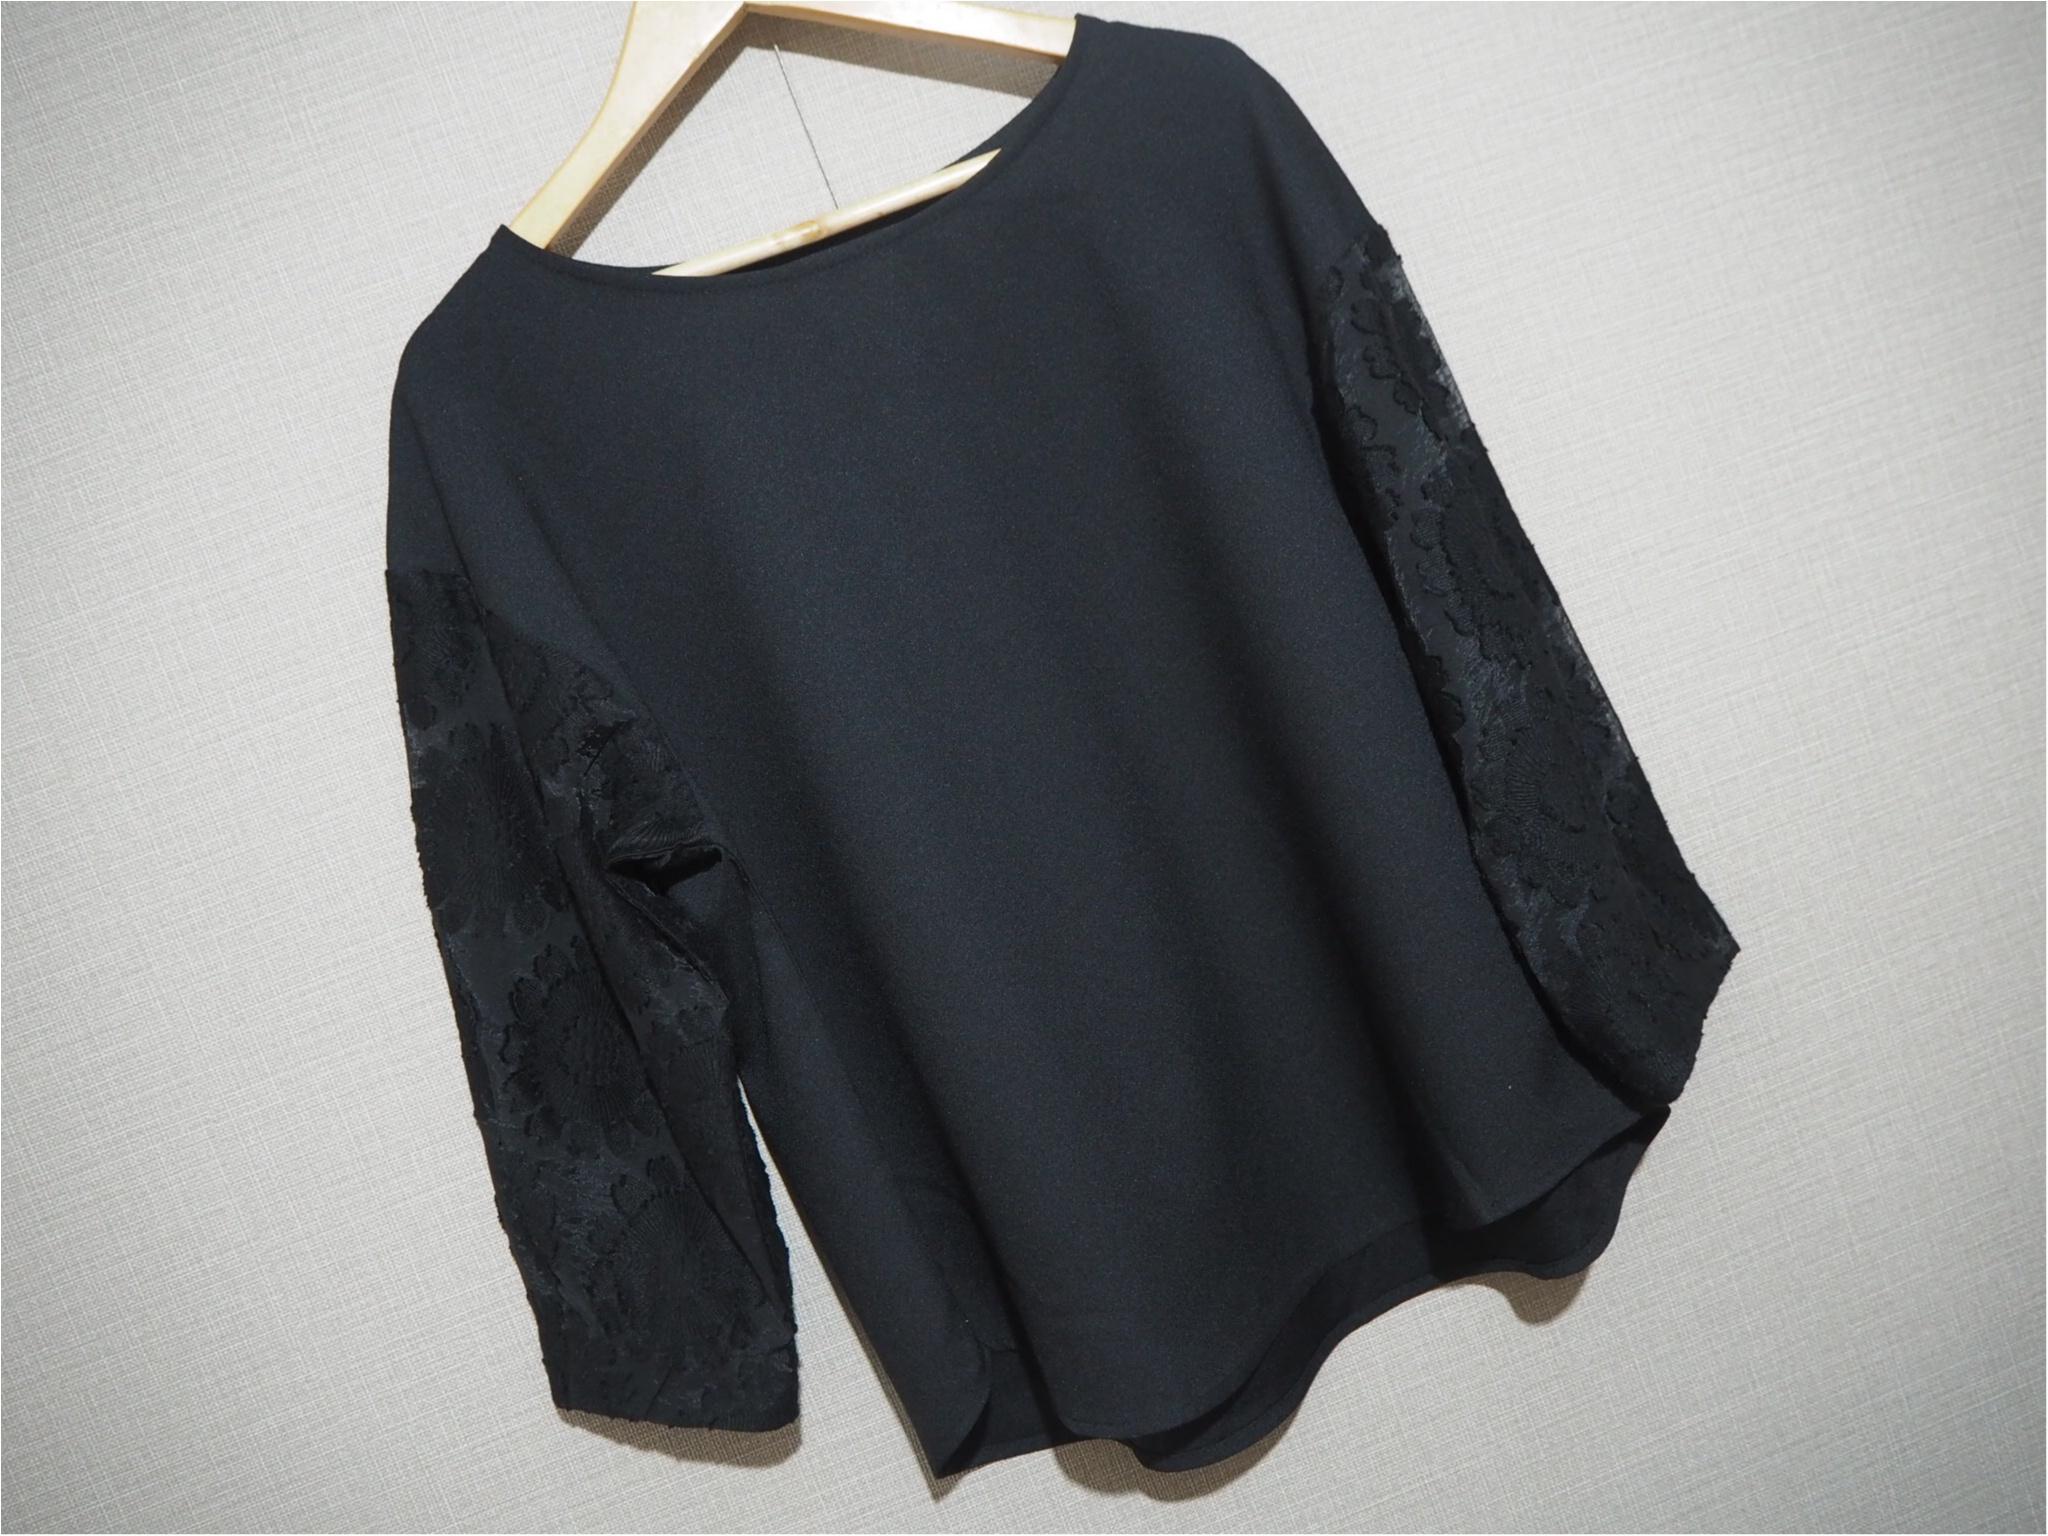 【GU購入品】今買って春まで使える!袖の透け感が可愛いブラウスをGETしました❤︎_1